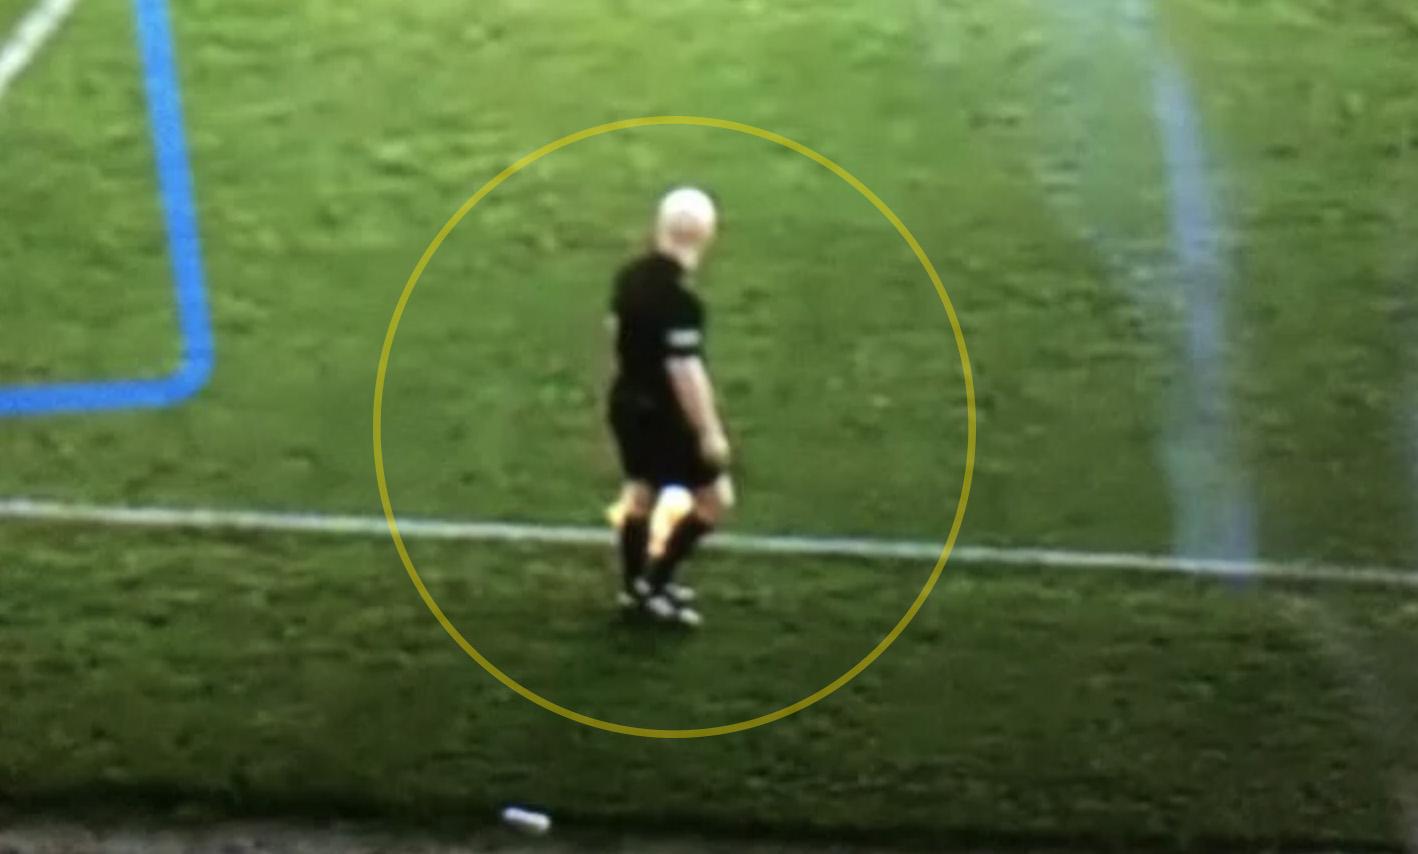 Искусственный интеллект спутал лысину судьи с футбольным мячом